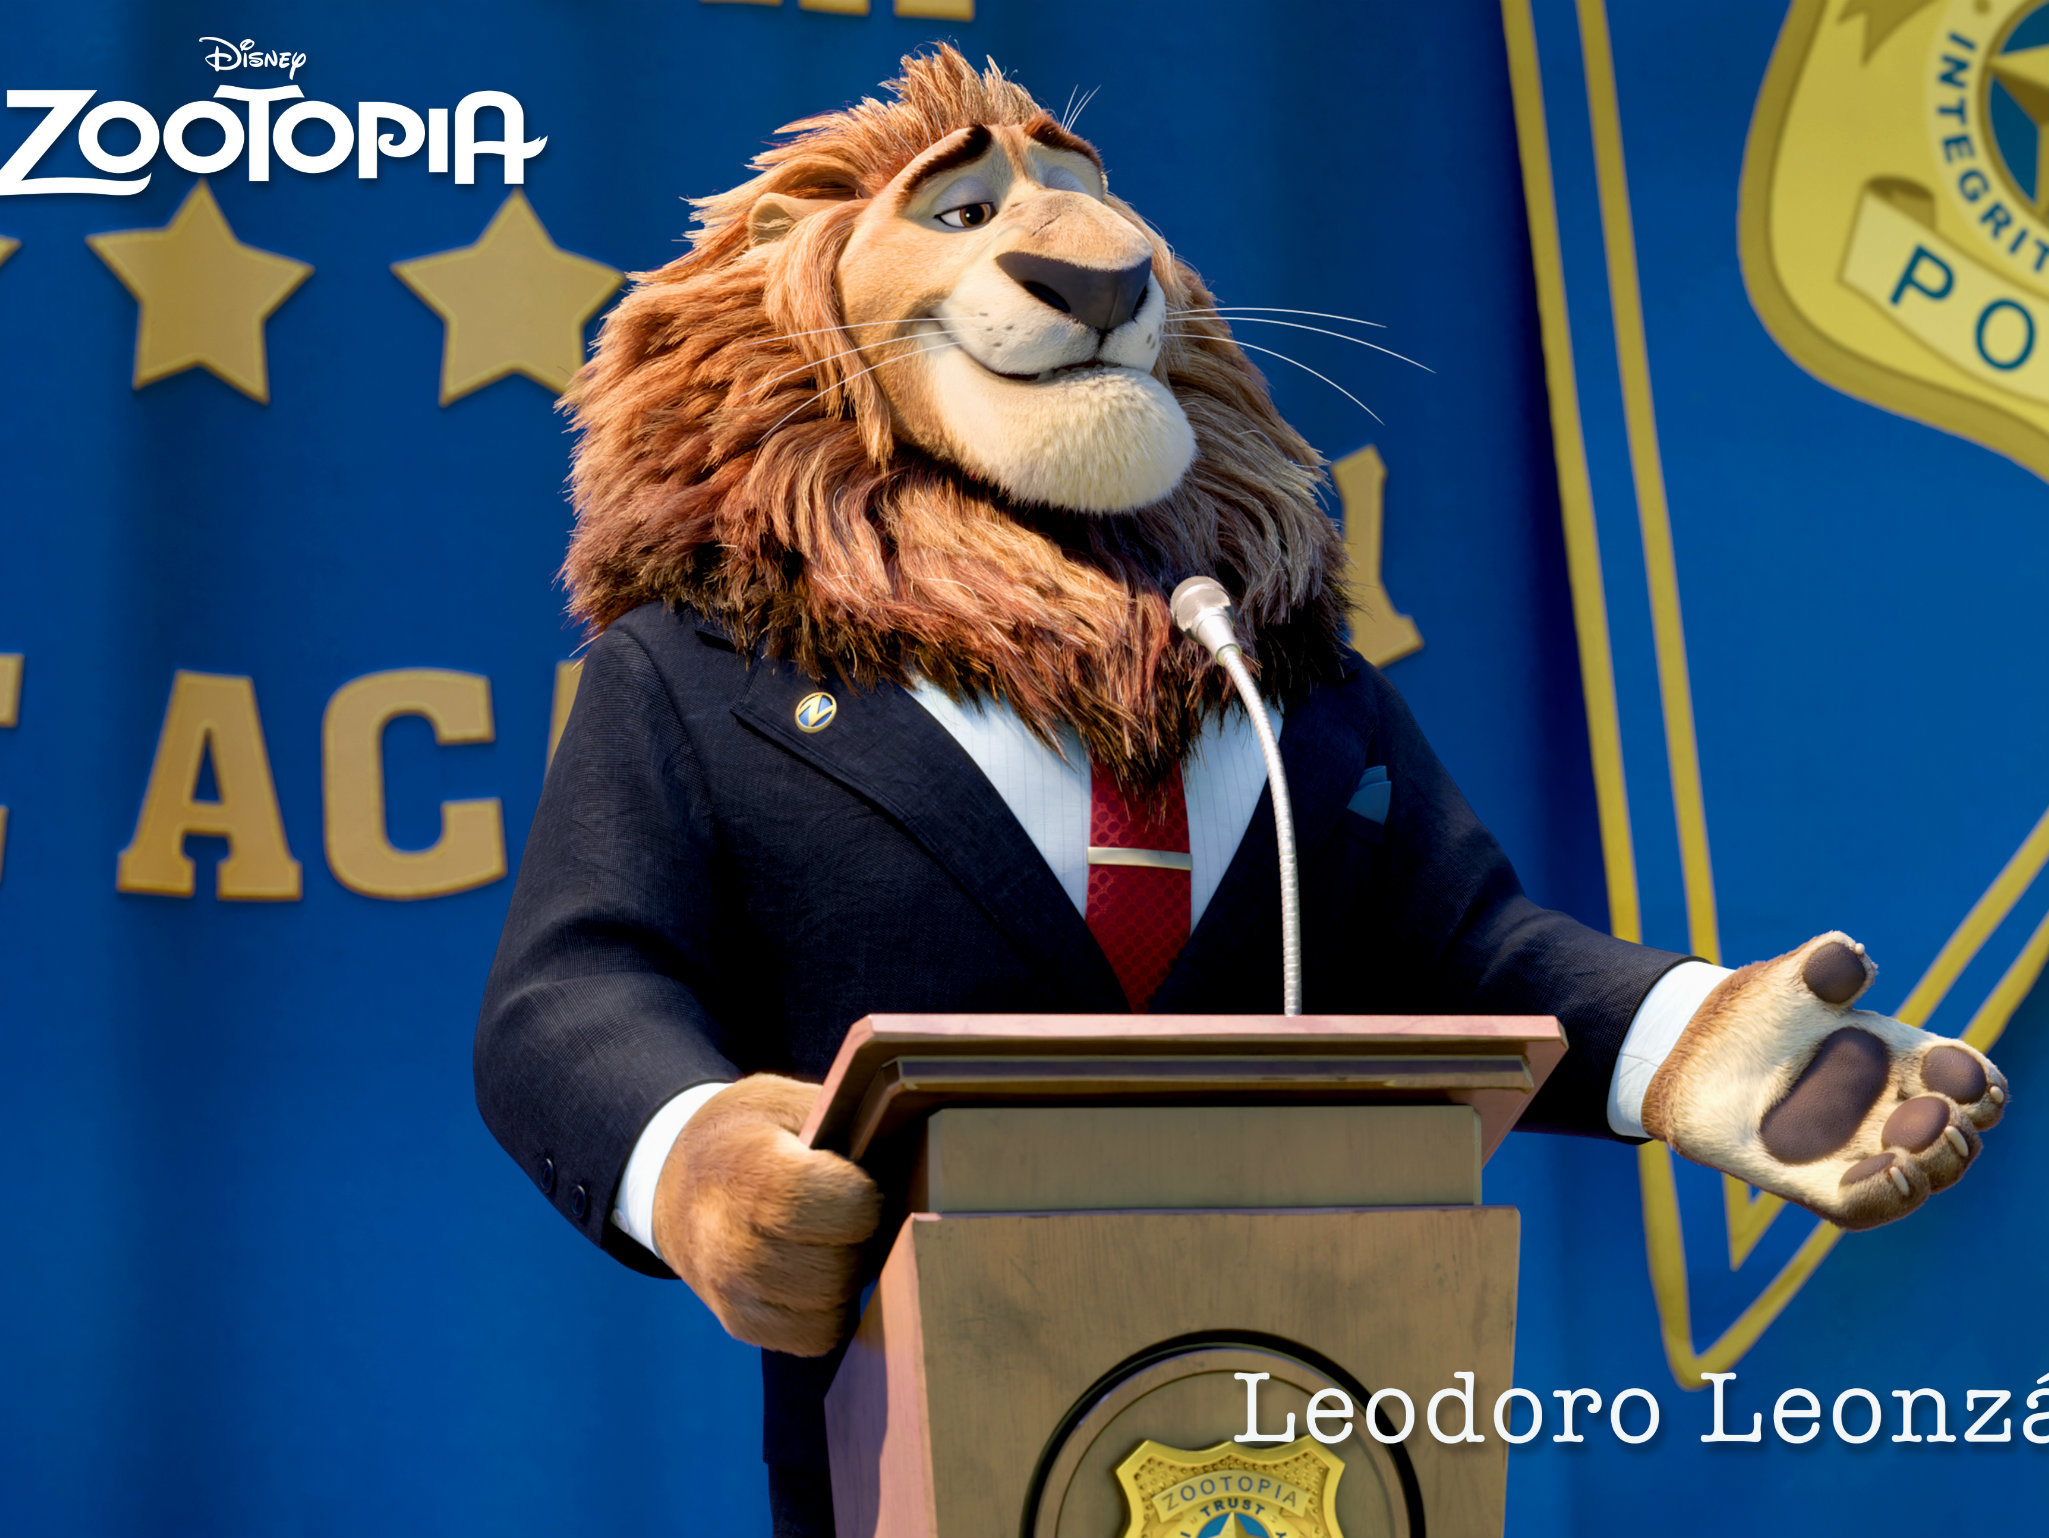 Los personajes de Zootopi